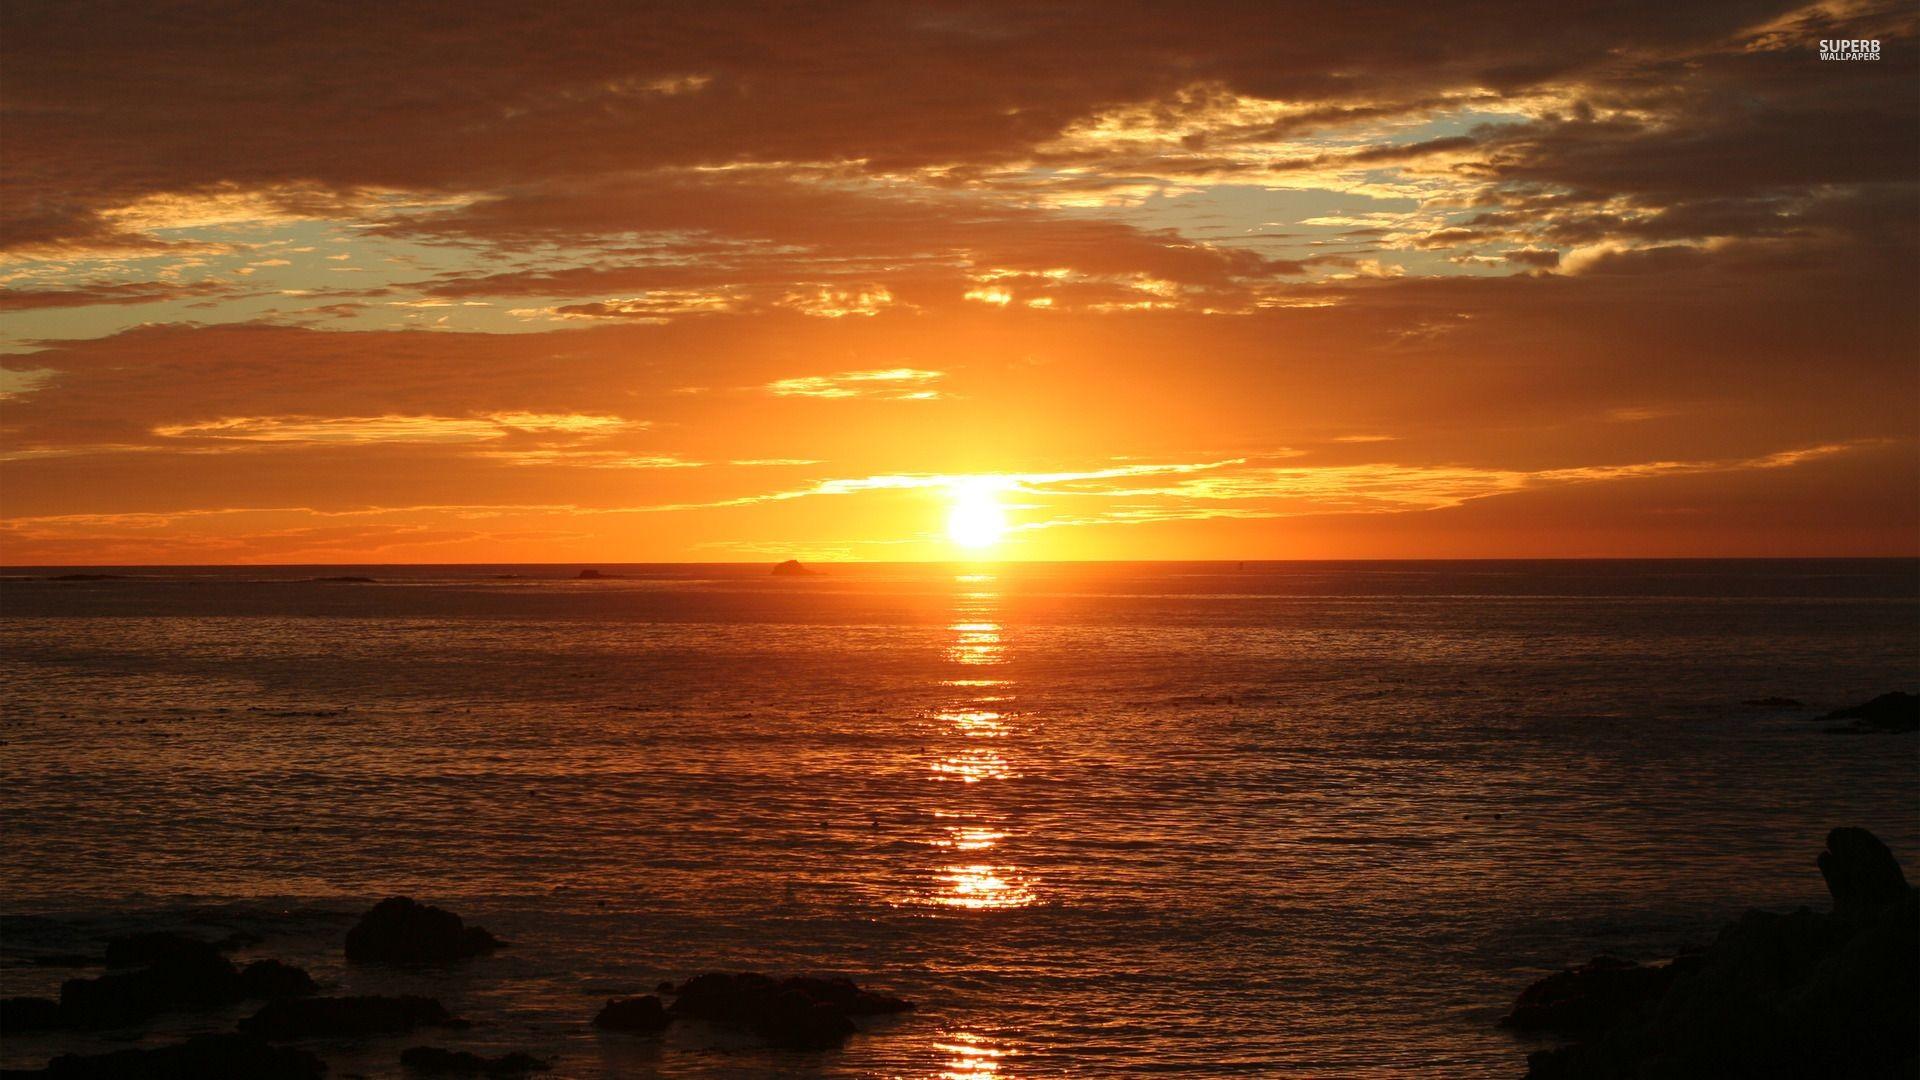 Miami beach sunrise : Desktop and mobile wallpaper : Wallippo